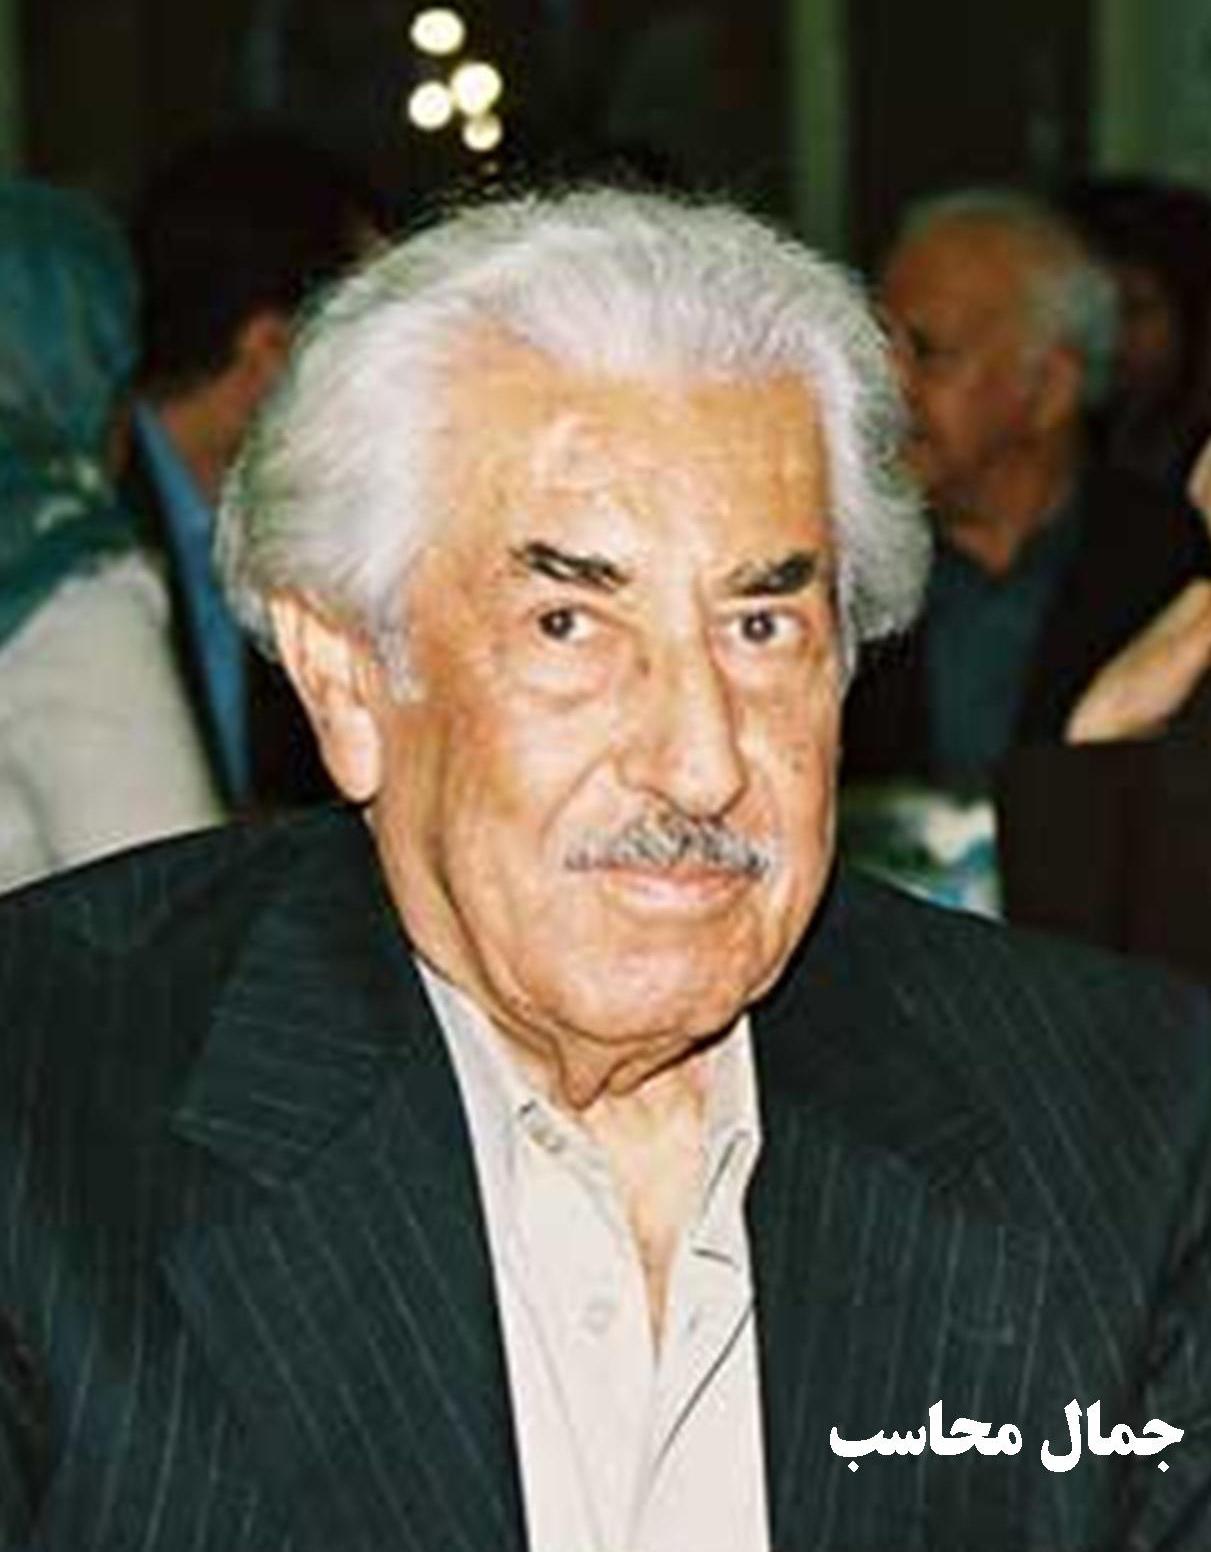 جمال محاسب یکی از بنیان گذاران  کانون هموفیلی ایران درگذشت